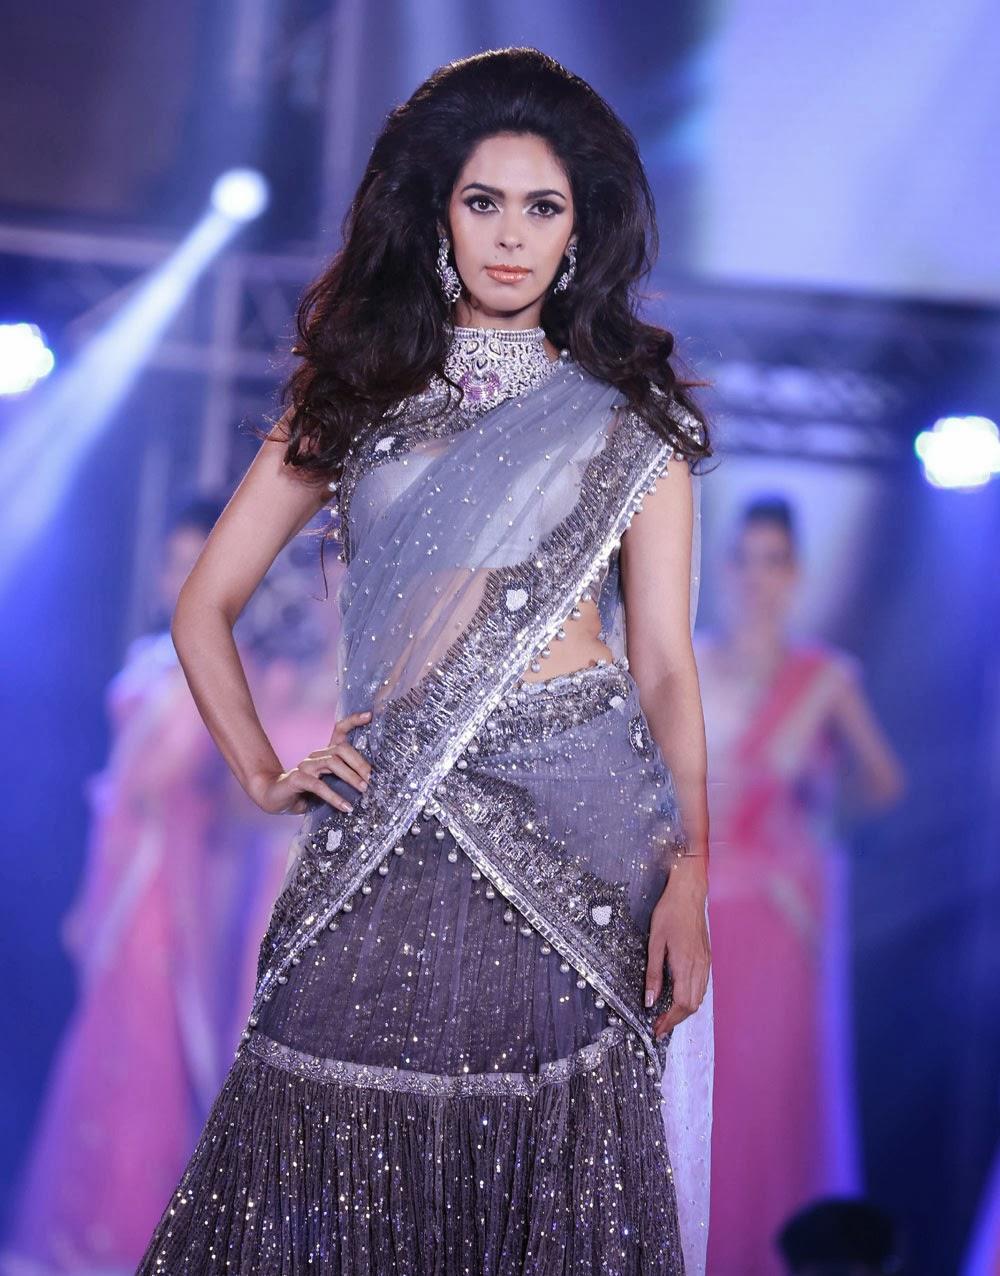 Mallika Sherawat sexy images, Mallika Sherawat spicy photos